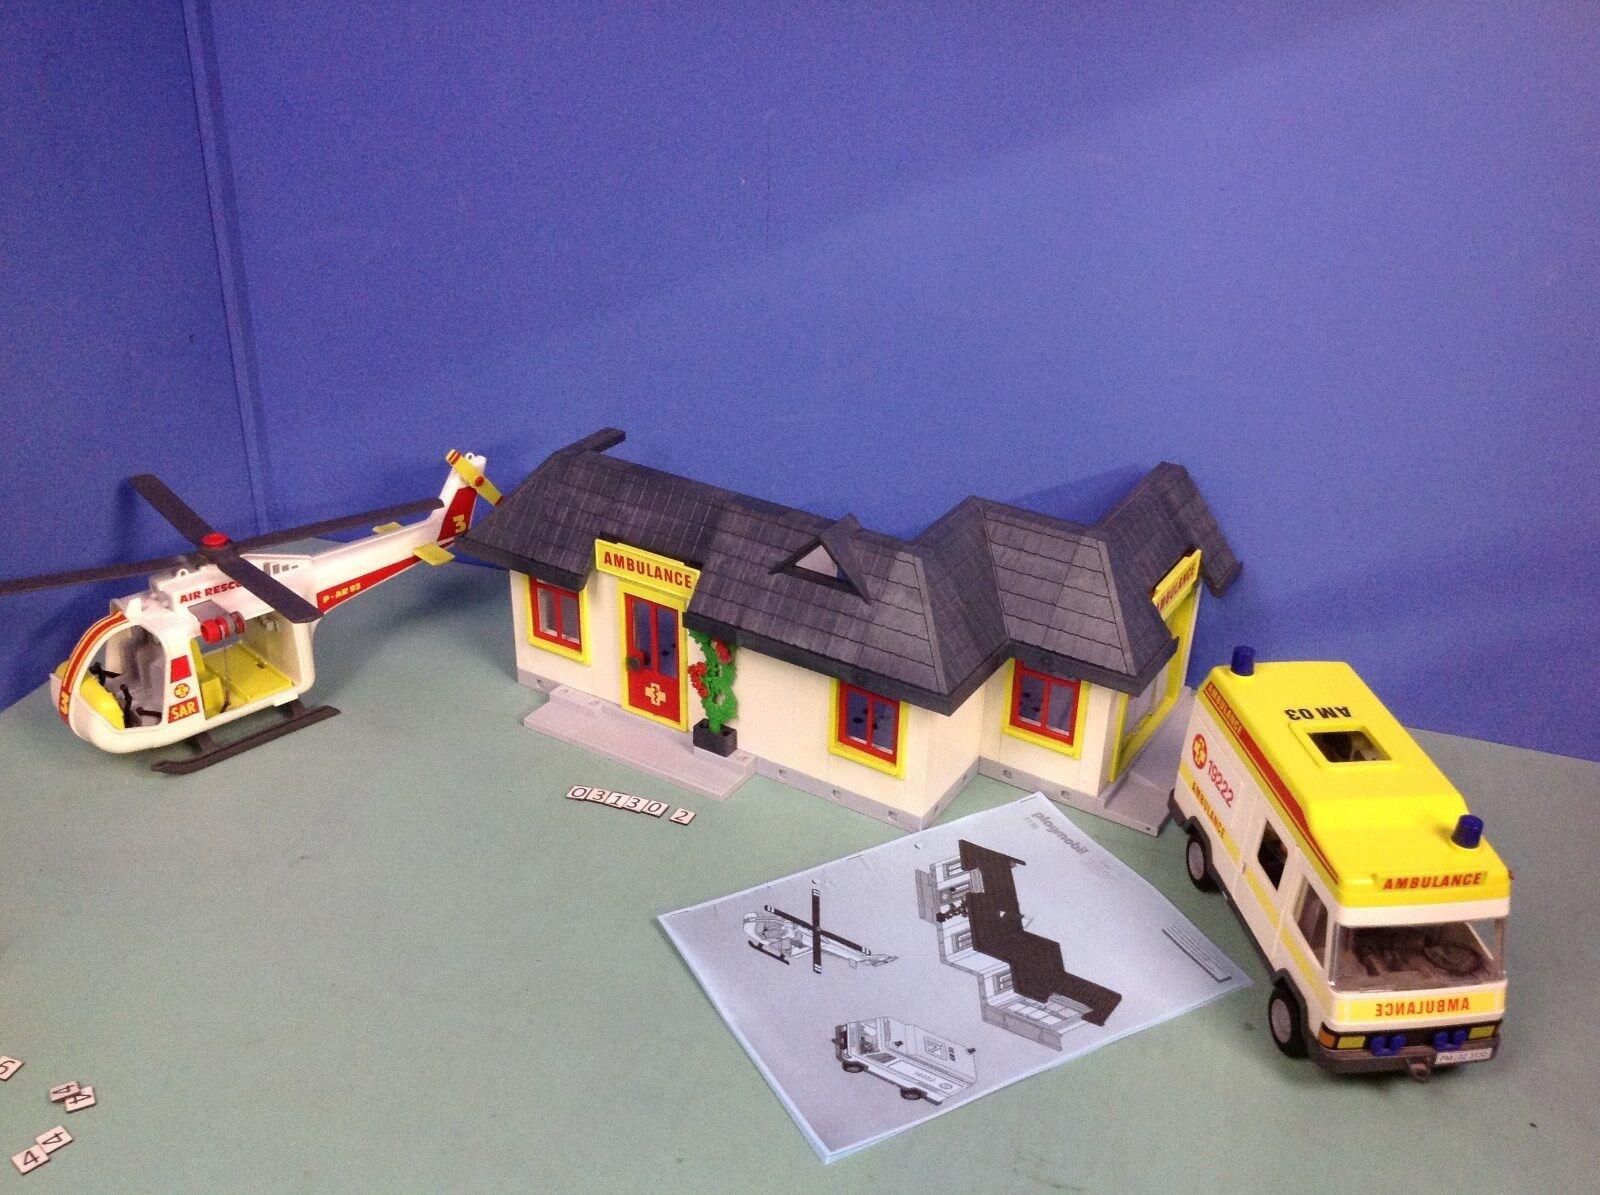 (O3130.2) playmobil petit hopital ref 3130 avec ambulance et hélicoptère   jusqu'à 65% de réduction